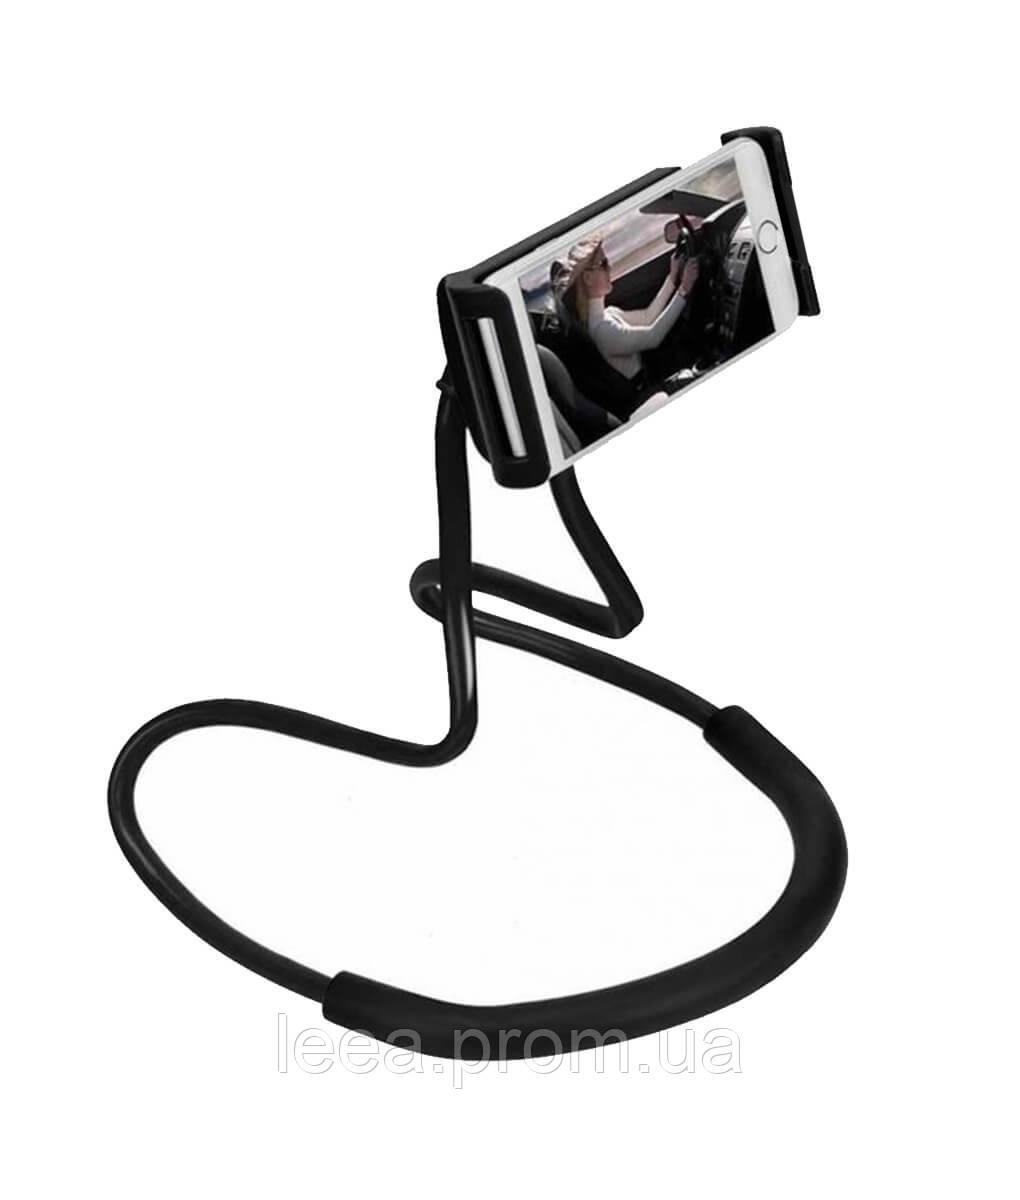 Гнучкий тримач для смартфона універсальний (на шию), Holder Waist Чорний, підставка для телефону | - фото 1